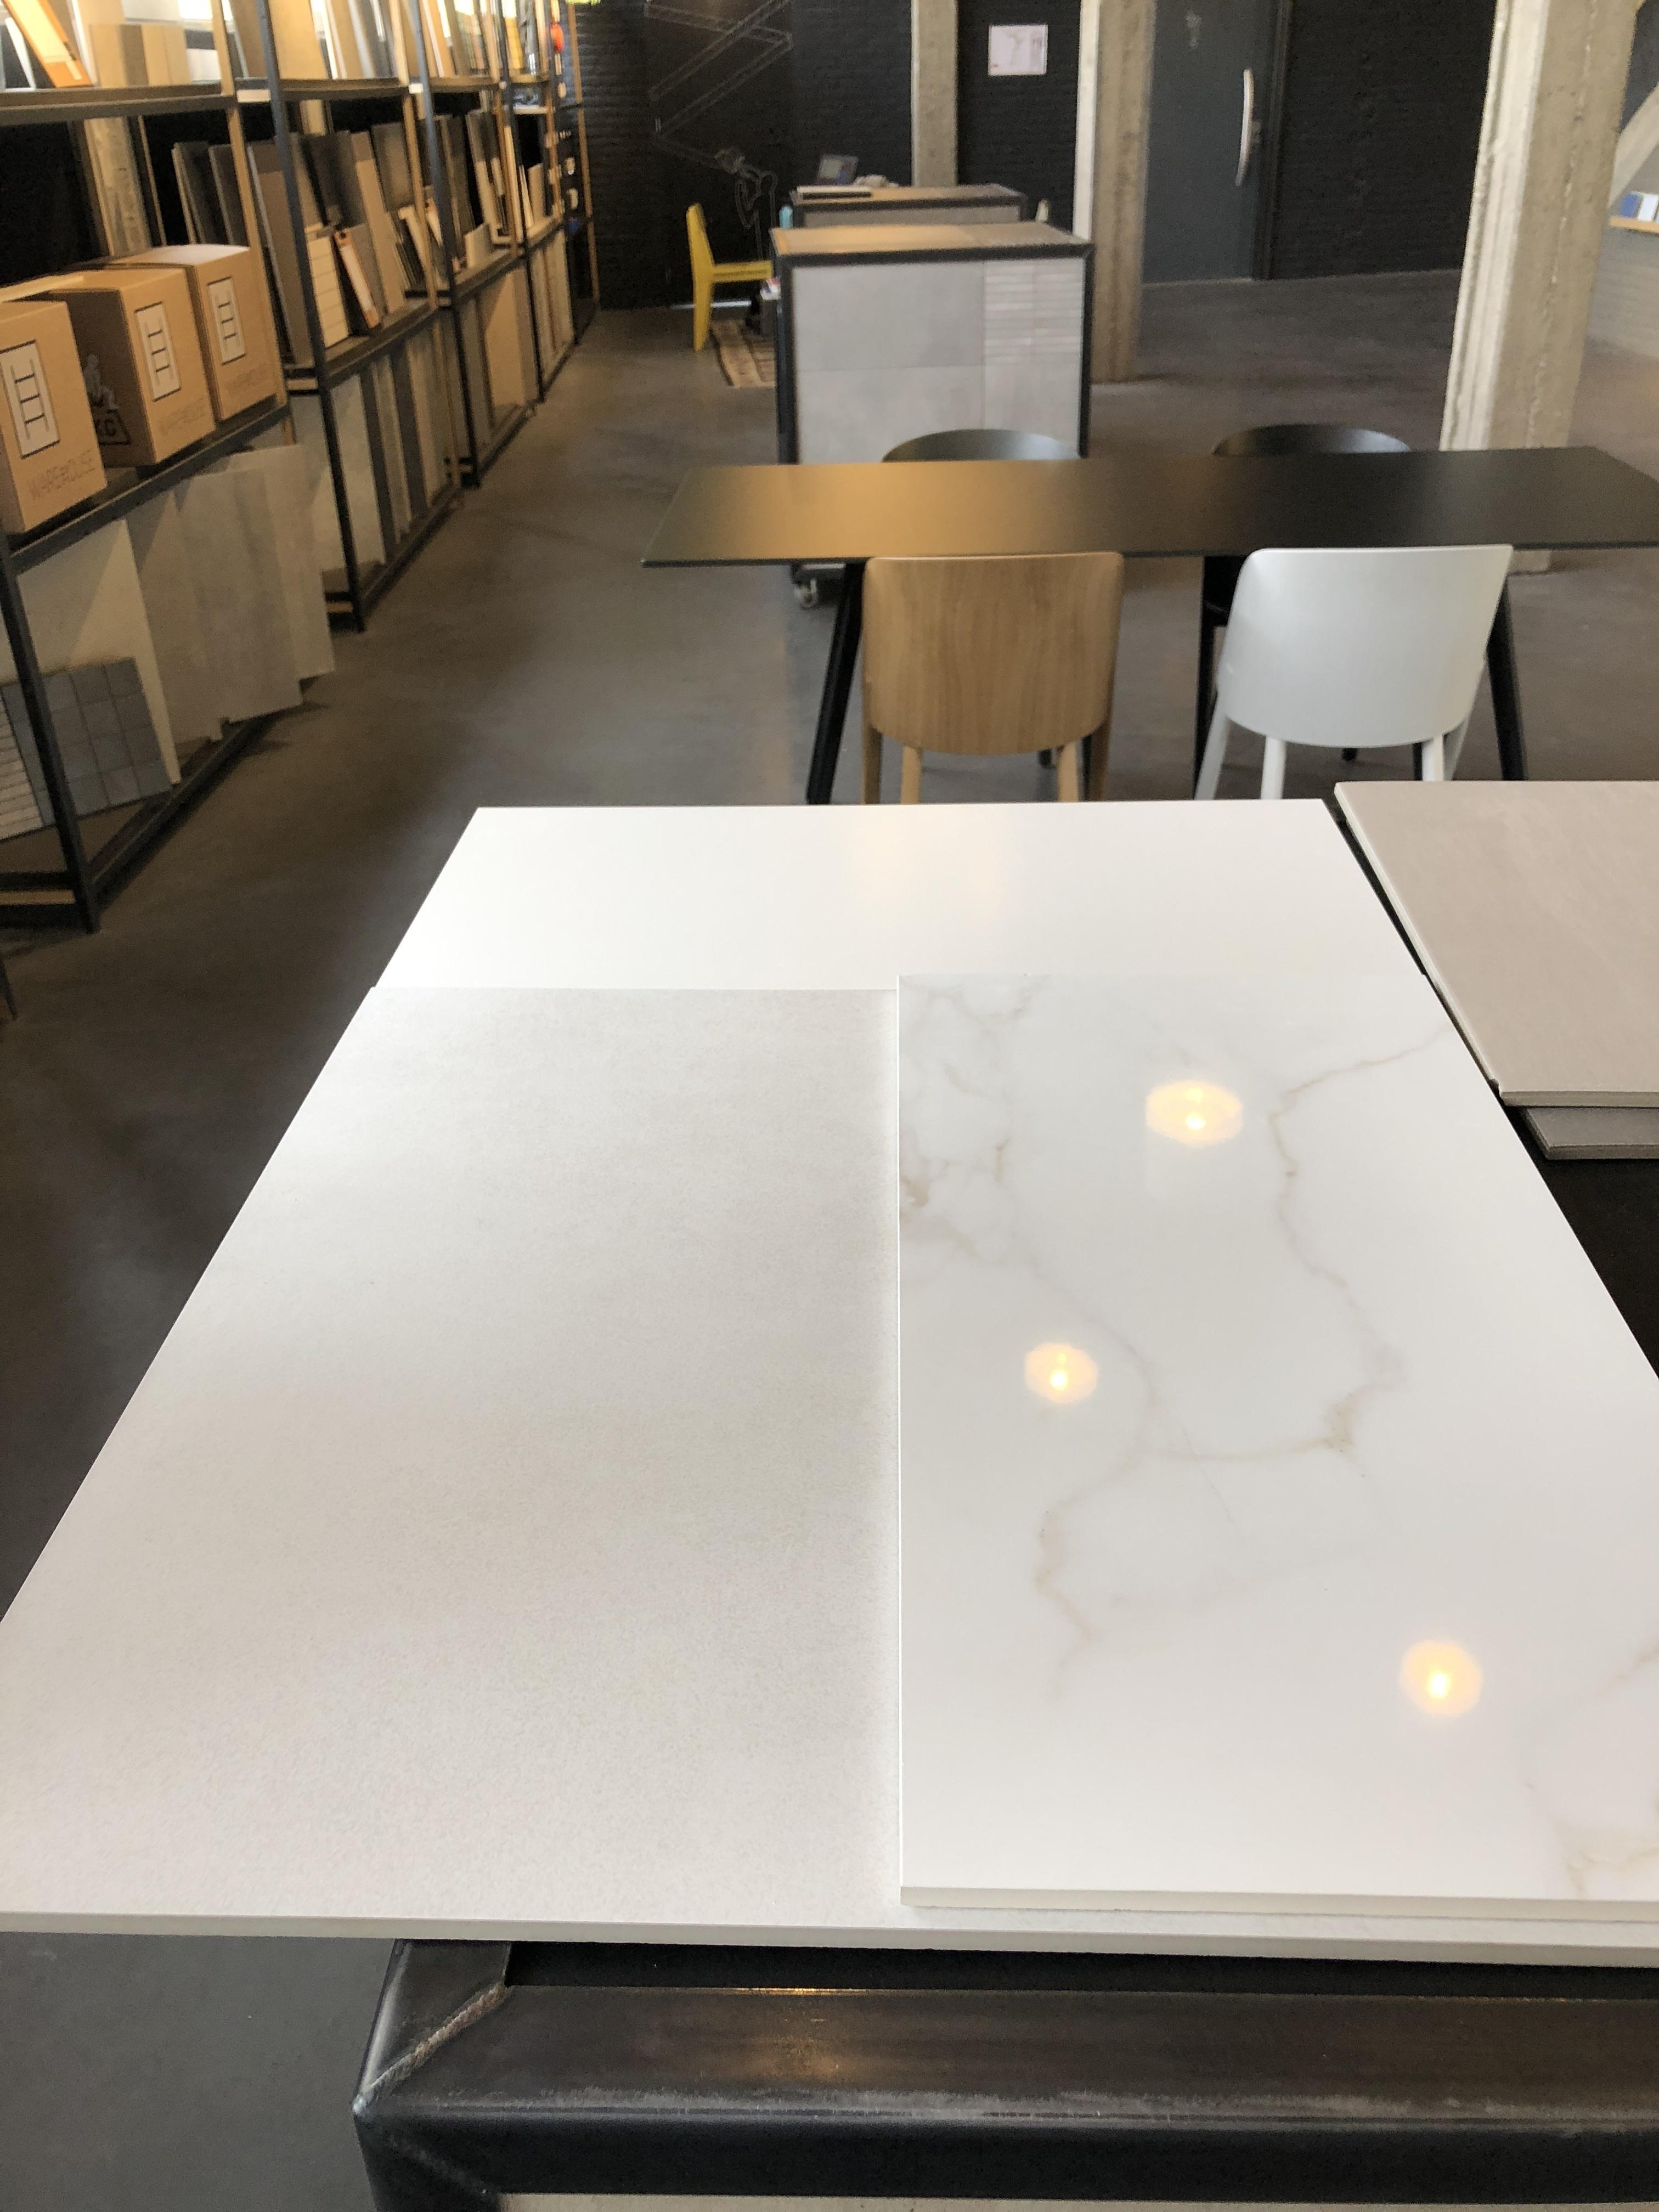 Matte witte tegels voor de overige muren en de vloer 60x60cm creme kleur Zo blijft de kleine badkamer toch mooi licht Zeker bij de 2 9m hoogte